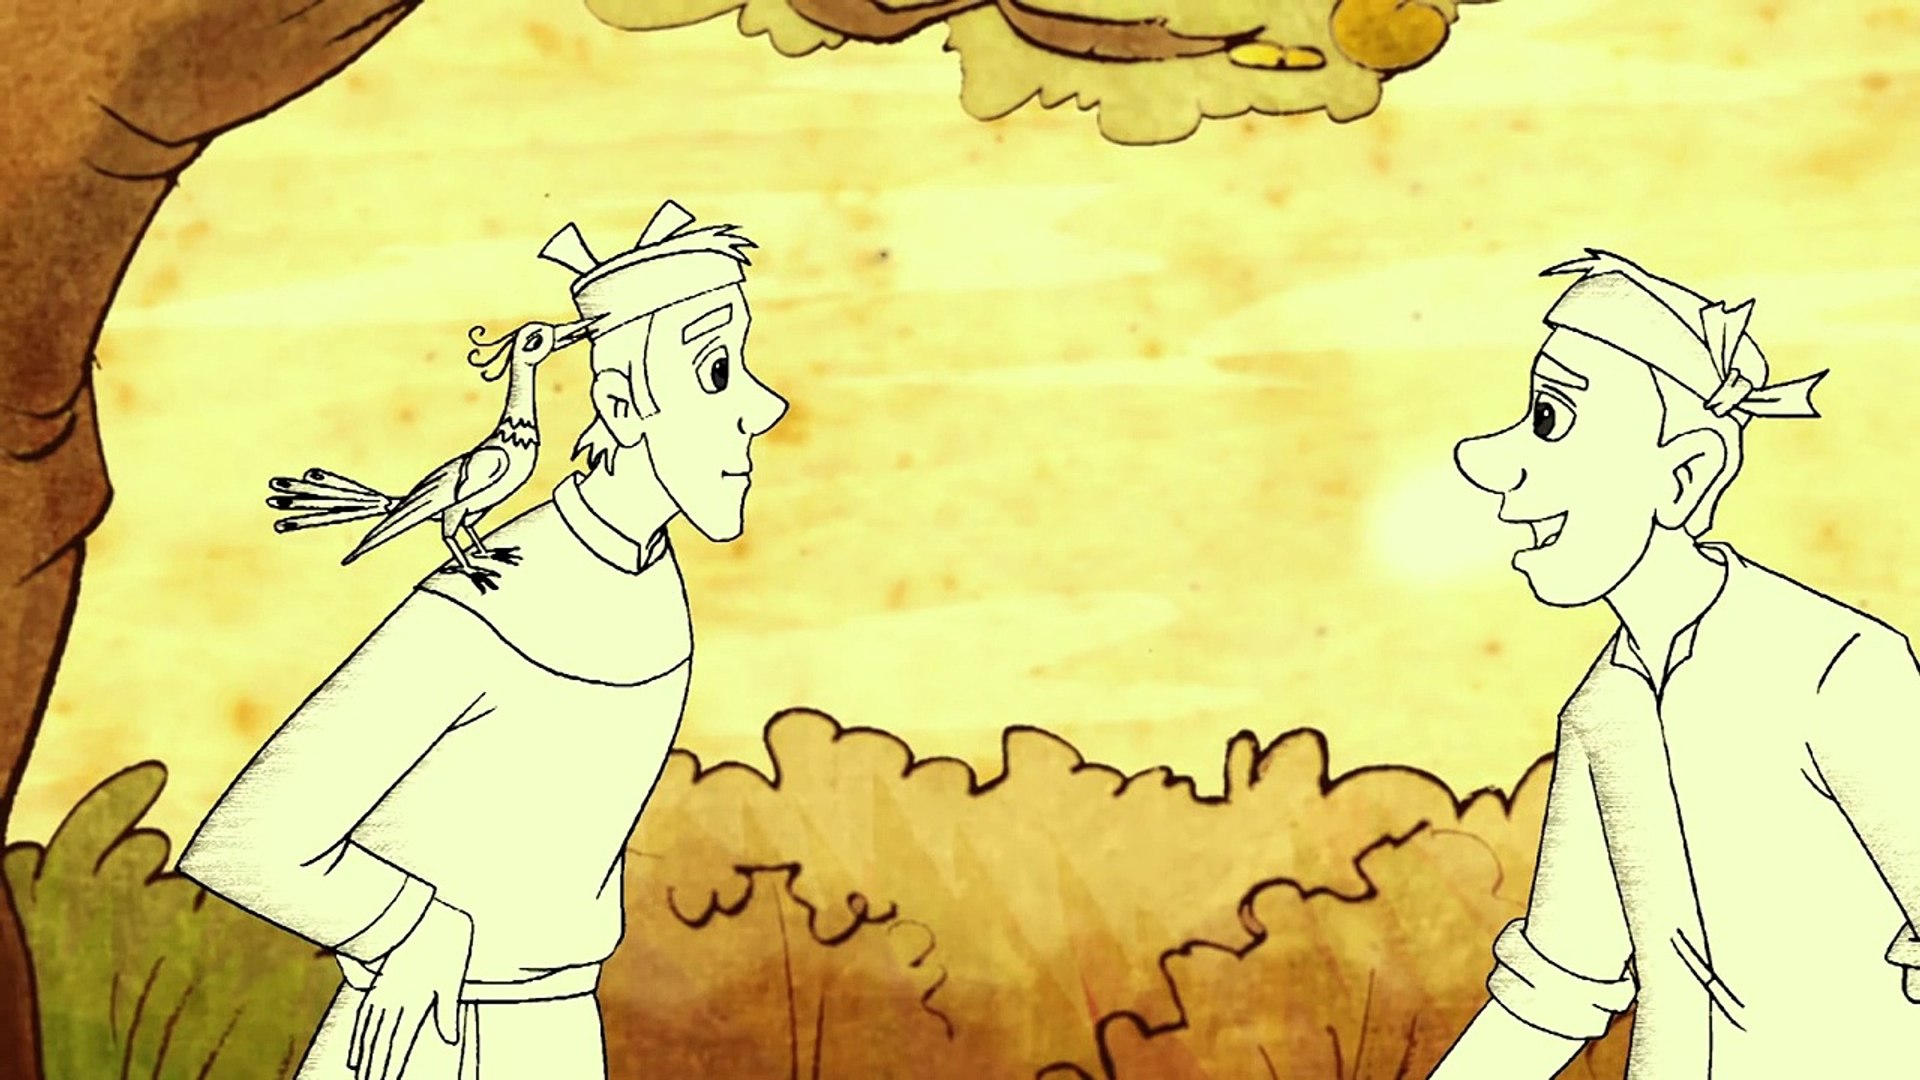 Phim hoạt hình – Hoạt hình Danh ngôn Cuộc sống - THẮP SÁNG YÊU THƯƠNG ► Phim hoạt hình hay nhất 2017